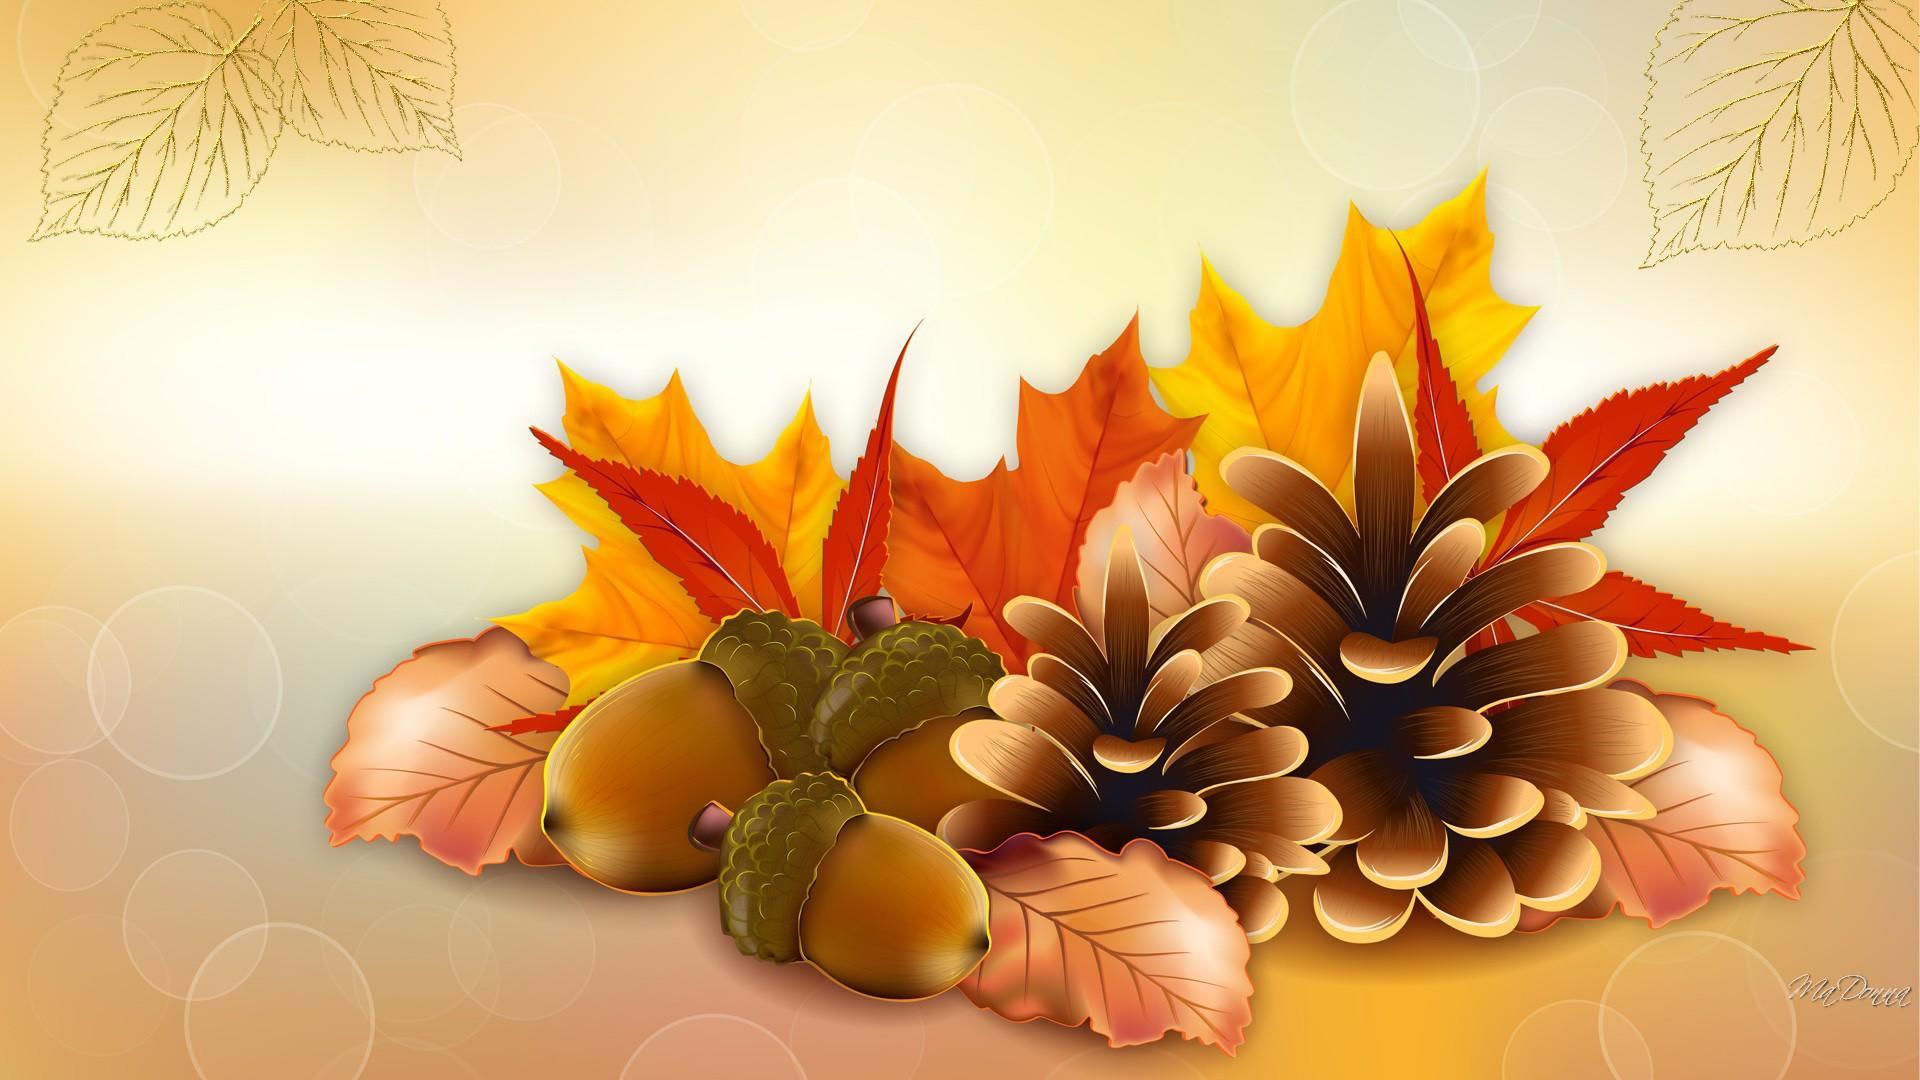 Thanksgiving Fall Vector Hd Wallpaper List 1920x1080